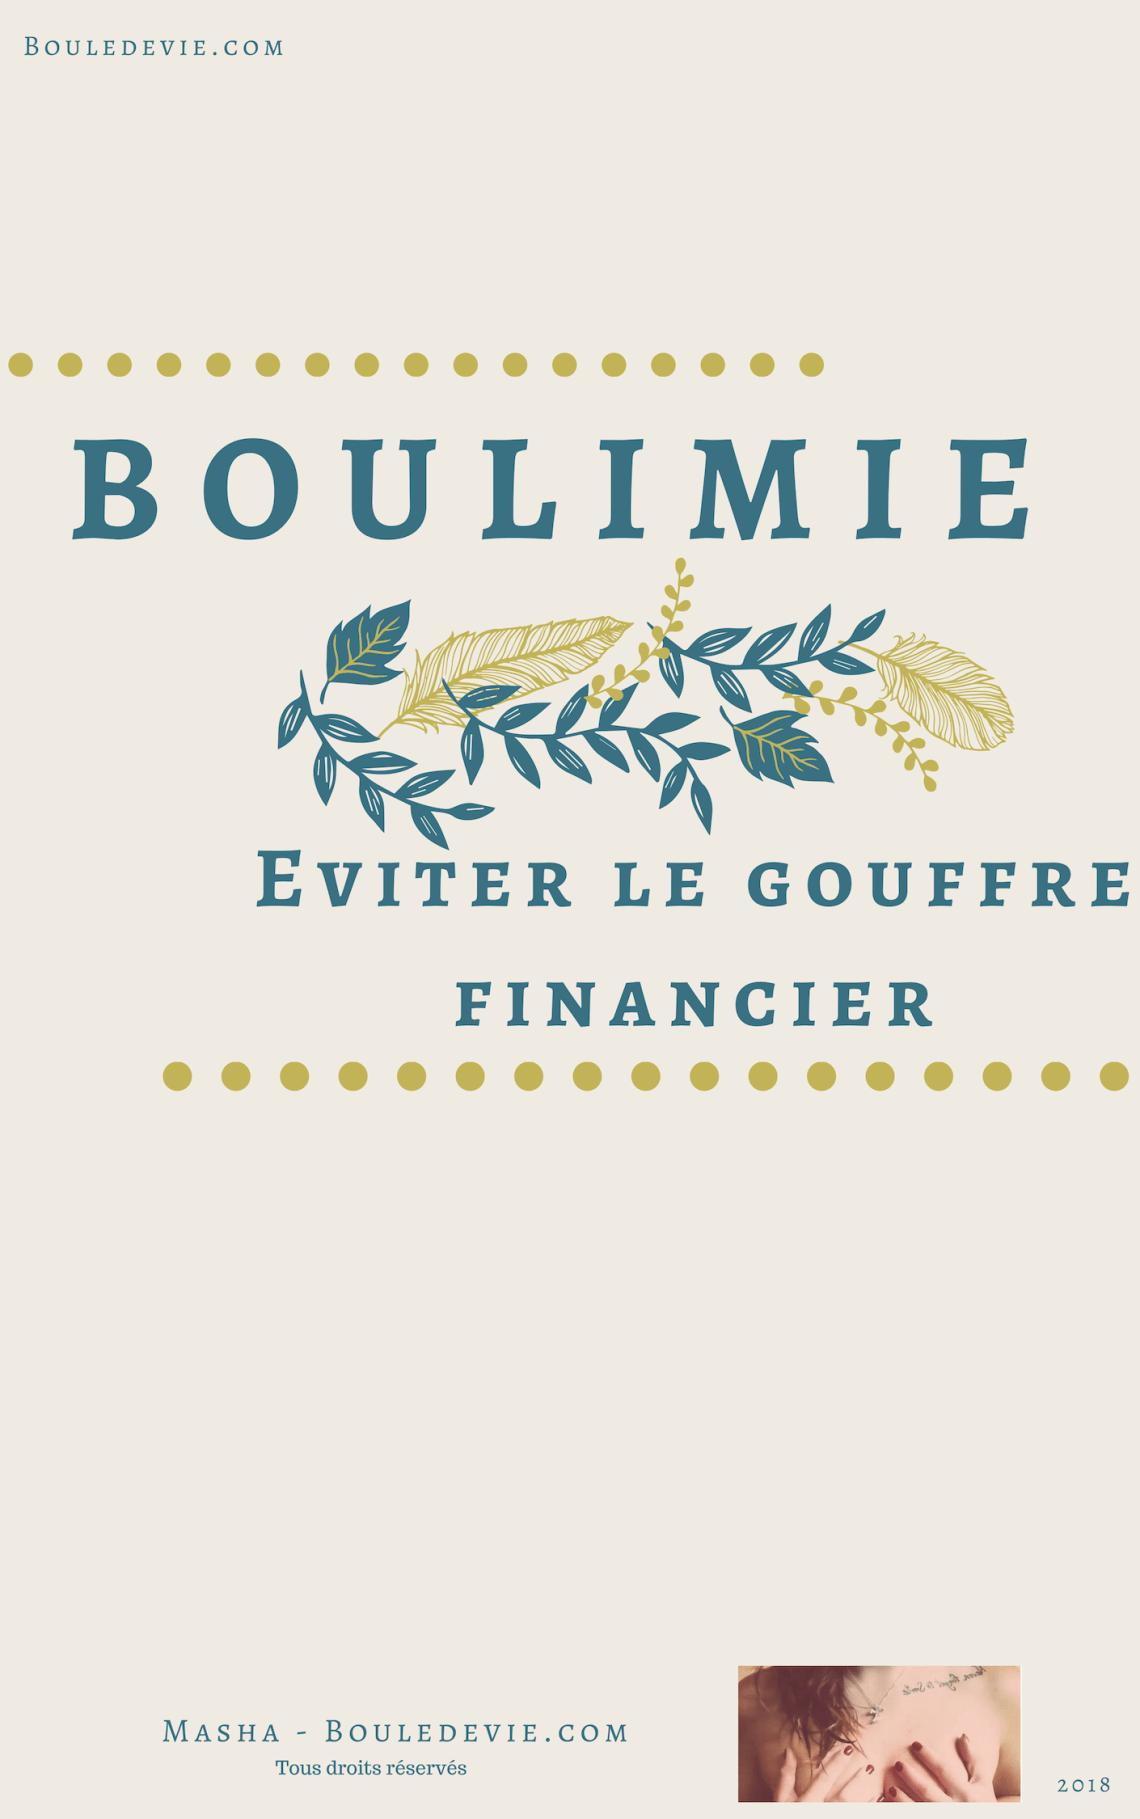 boulimie, anorexie, tca, s'en sortir financièrement, éviter le gouffre financier, boule de vie, bouledevie.com, masha